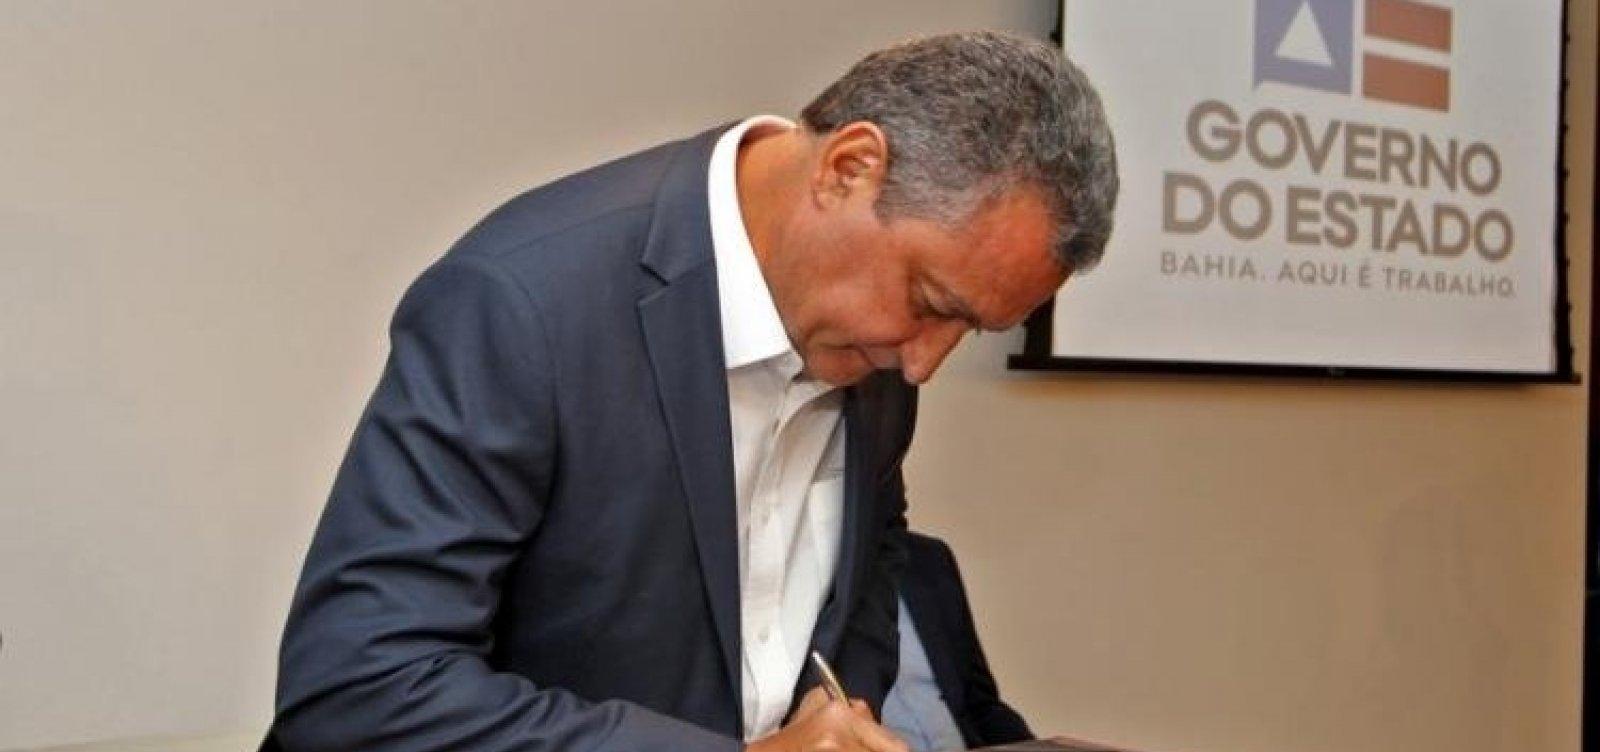 Governadores do Nordeste assinam carta em defesa do meio ambiente